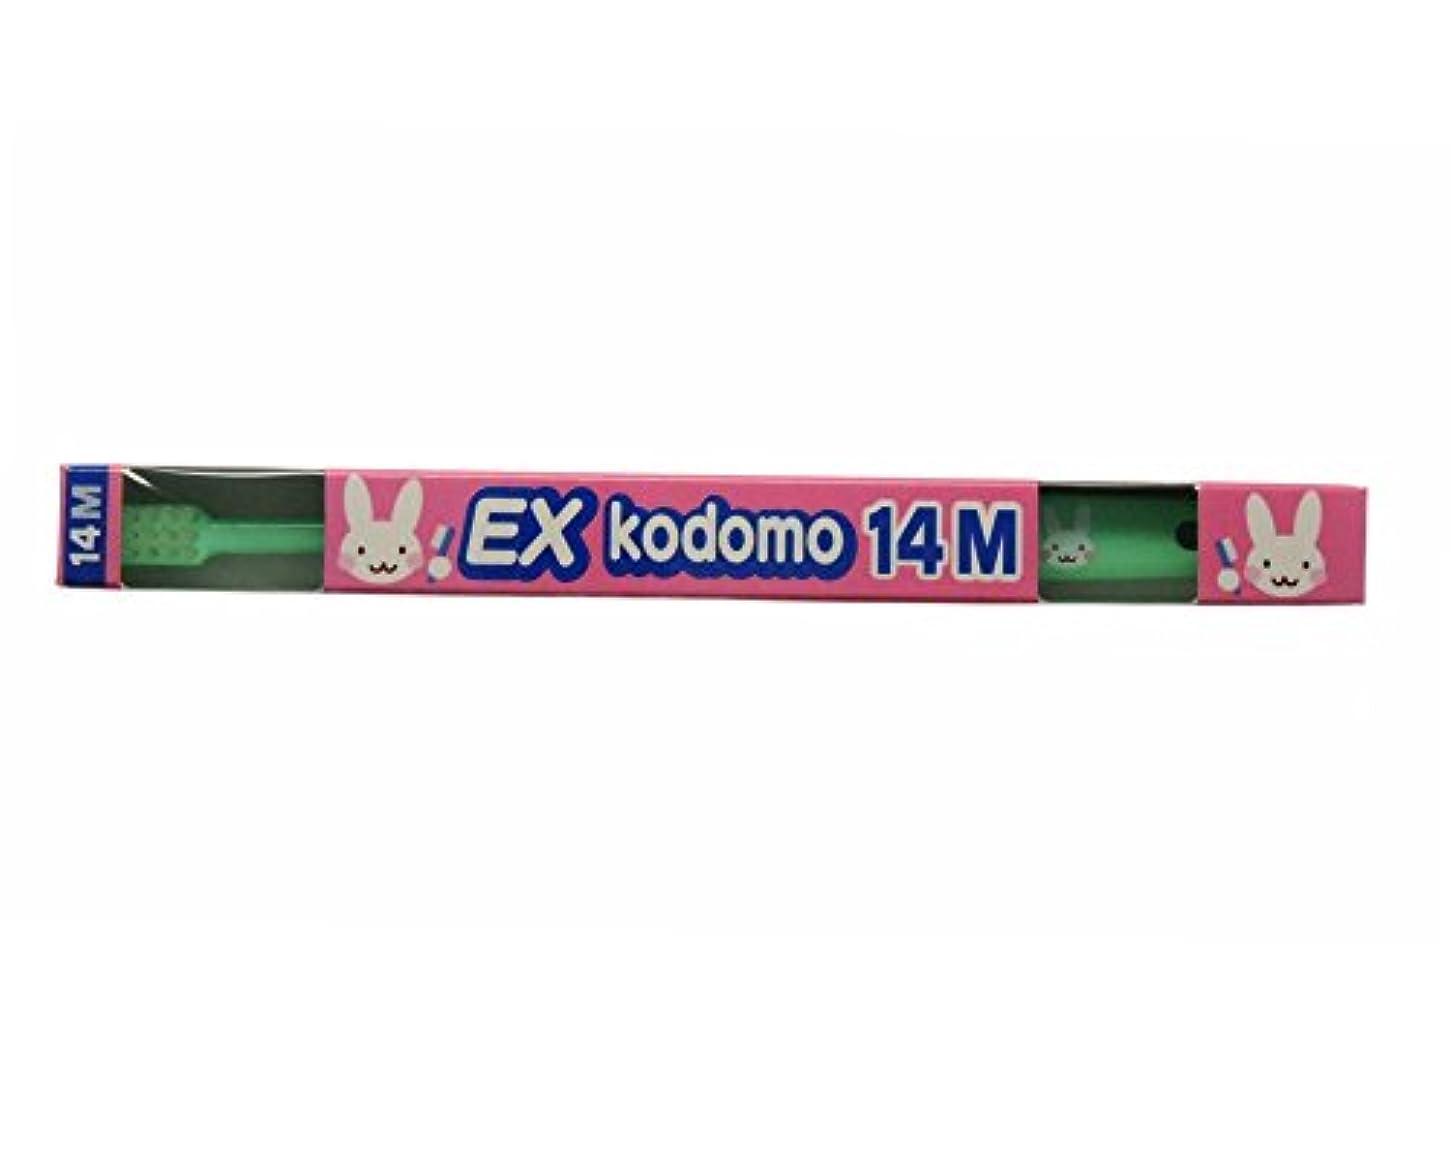 ライオン コドモ DENT.EX kodomo 1本 14M グリーン (仕上げ磨き用?0?6歳)